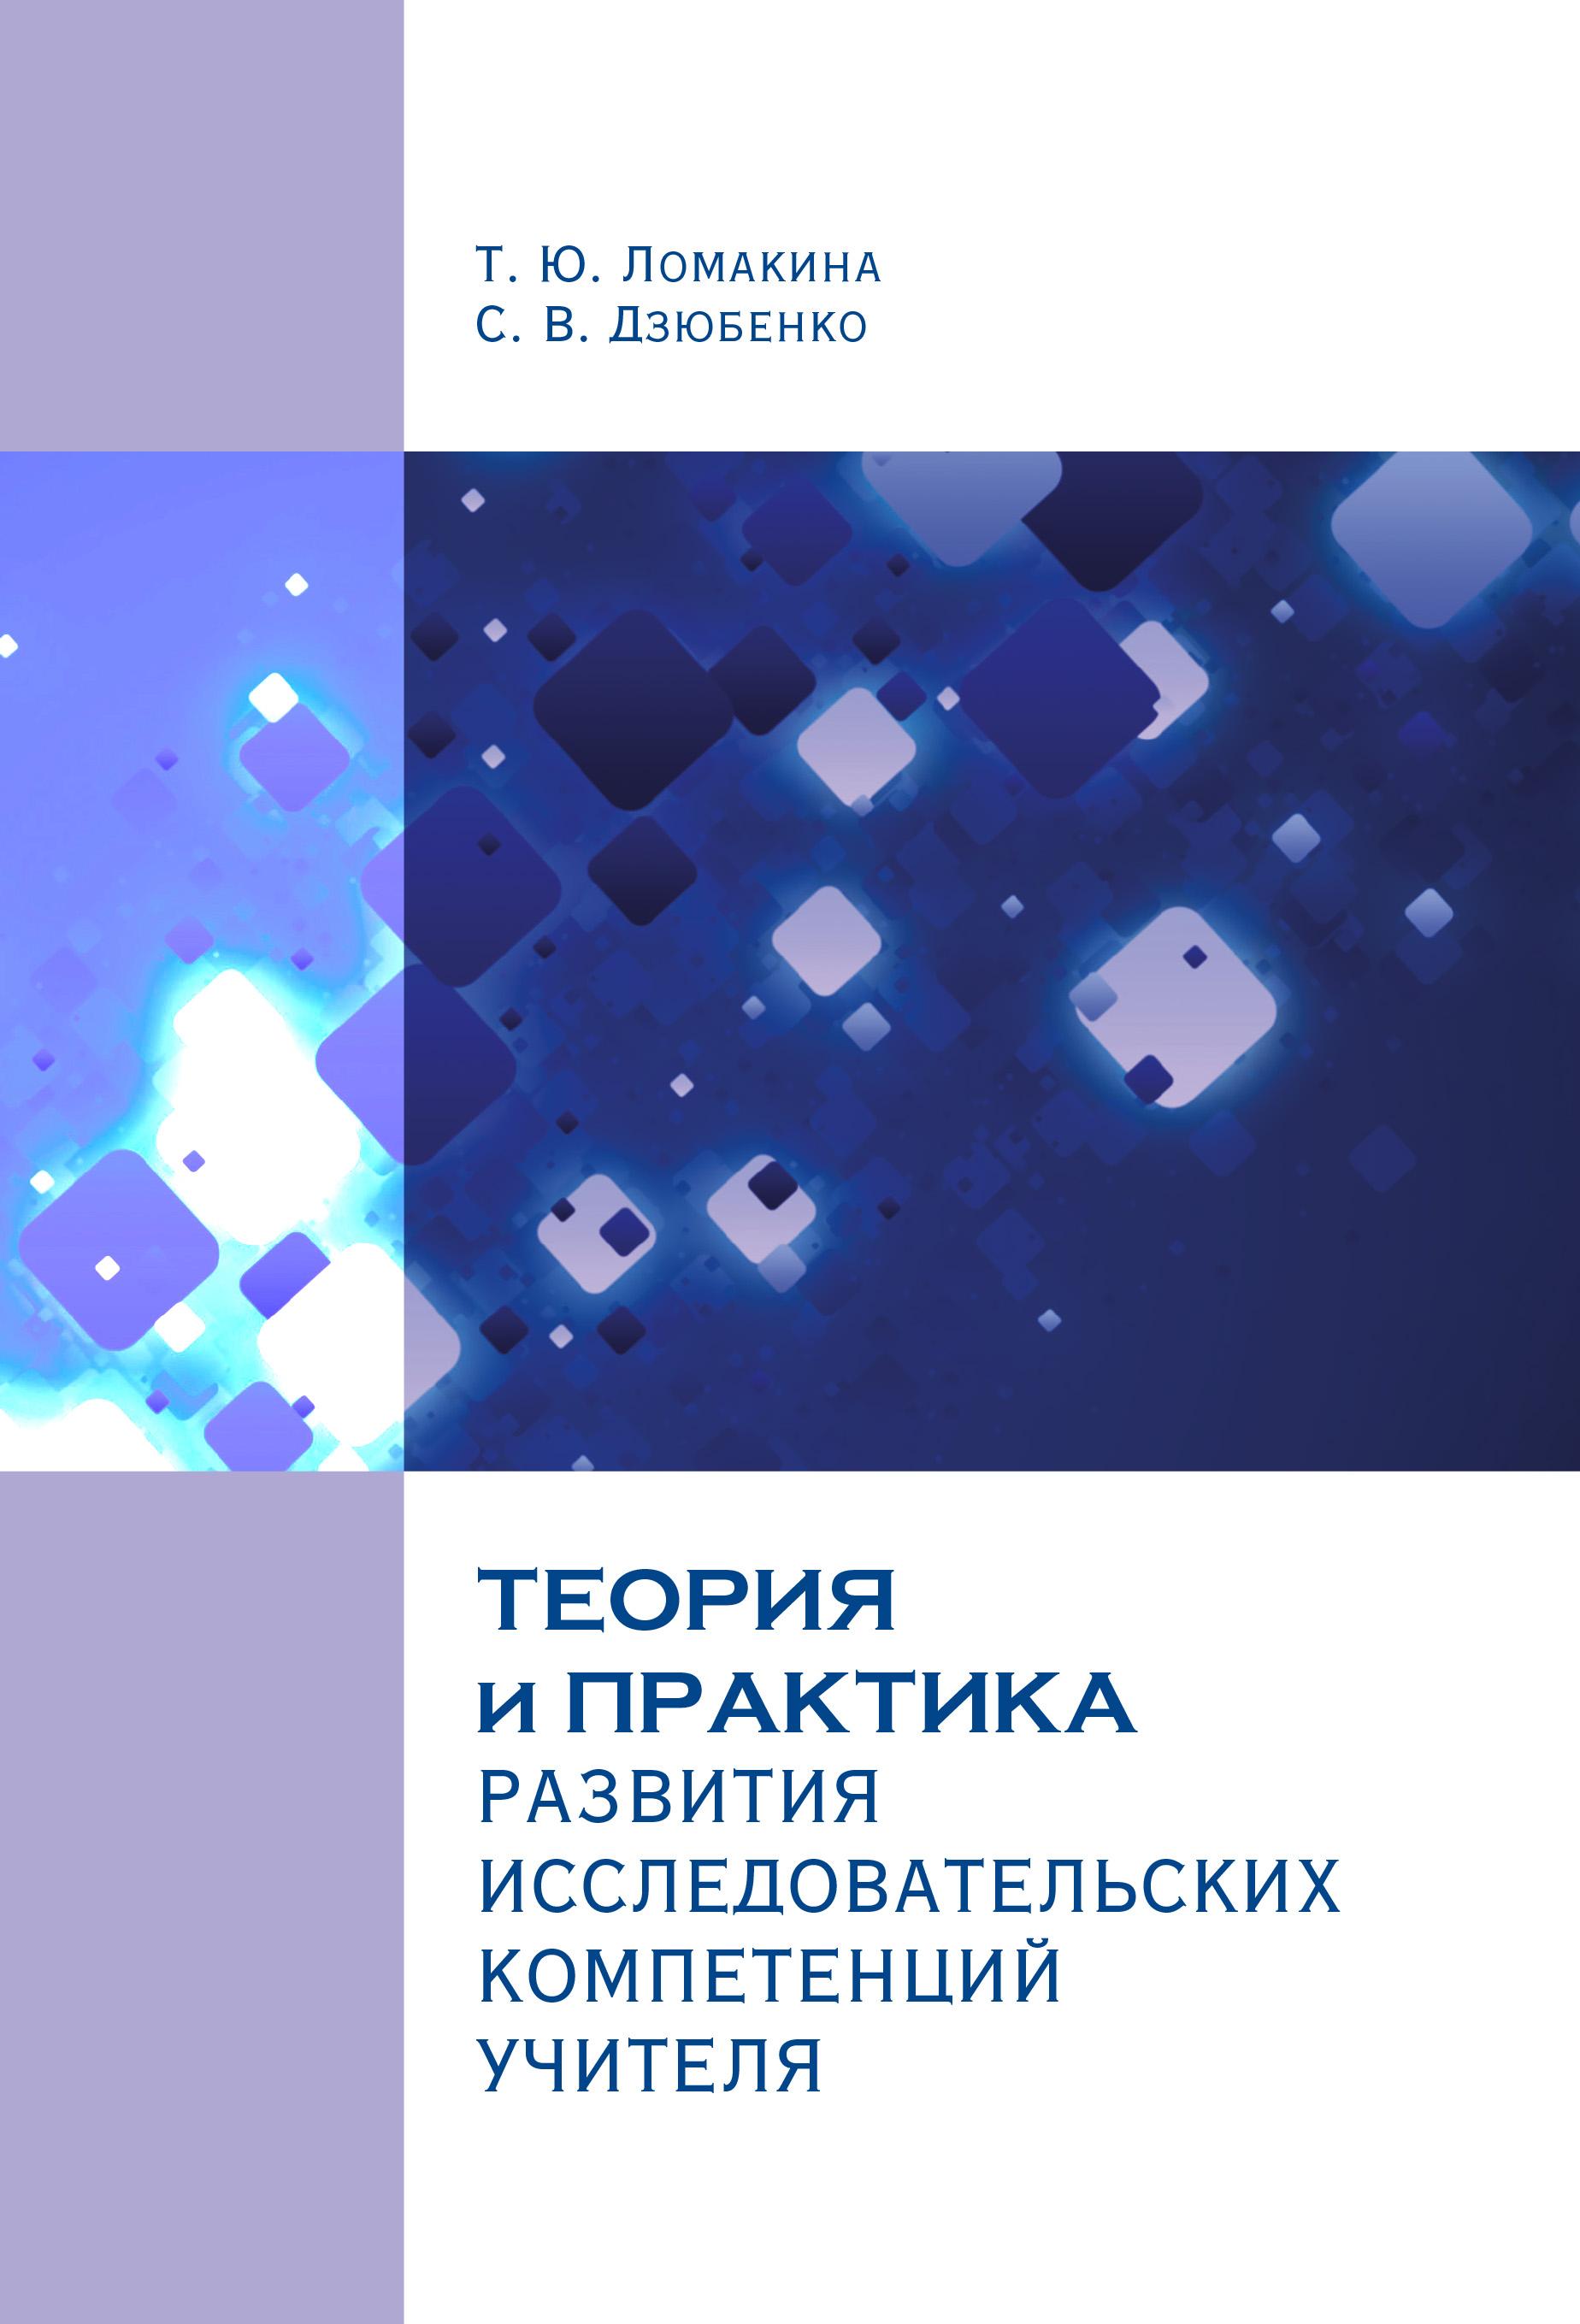 Татьяна Ломакина Теория и практика развития исследовательских компетенций учителя